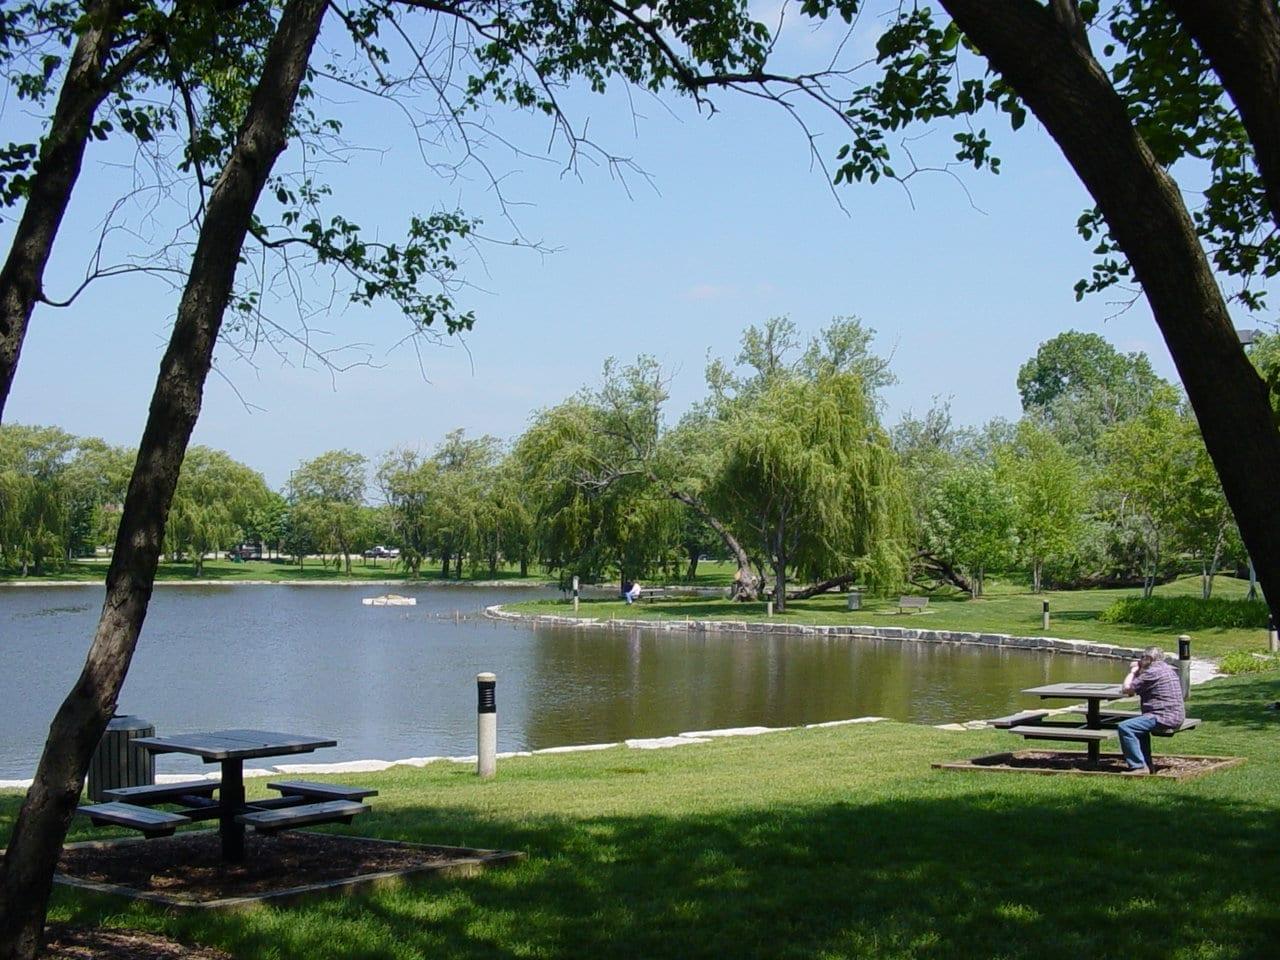 A orillas del lago en el Centro de las Artes de la Pradera Schaumburg IL Estados Unidos